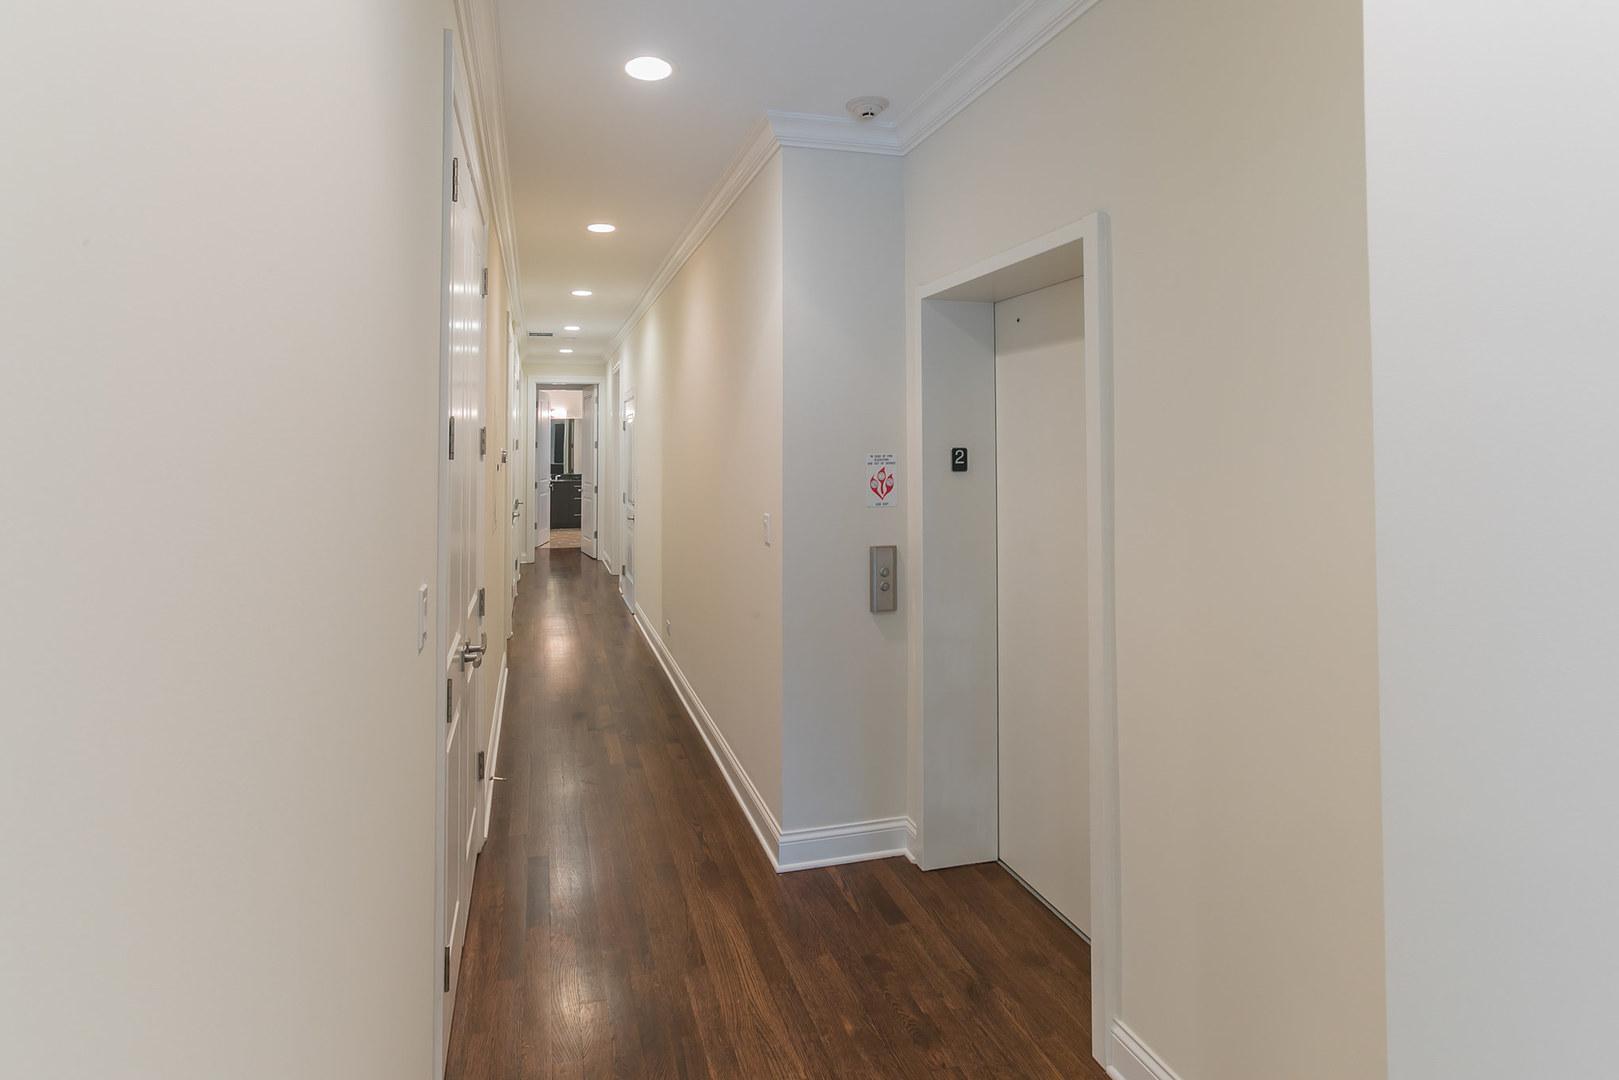 441 W Briar  Place, Unit 2 photo